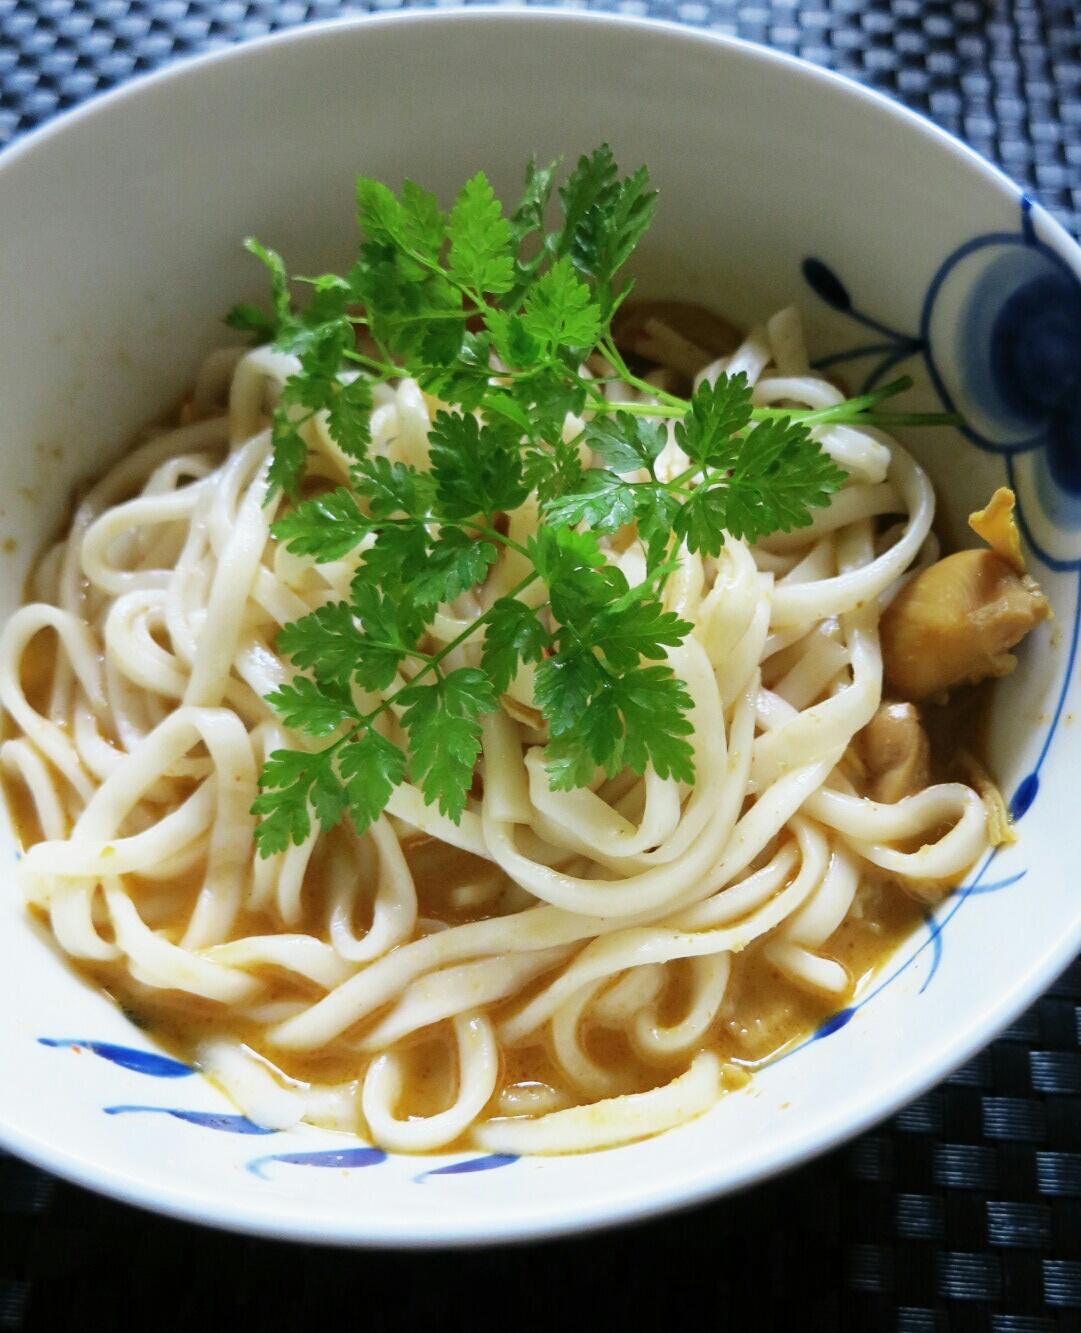 タイカレーの缶詰め / 生食用アンズ @マツヤ_f0236260_1448932.jpg